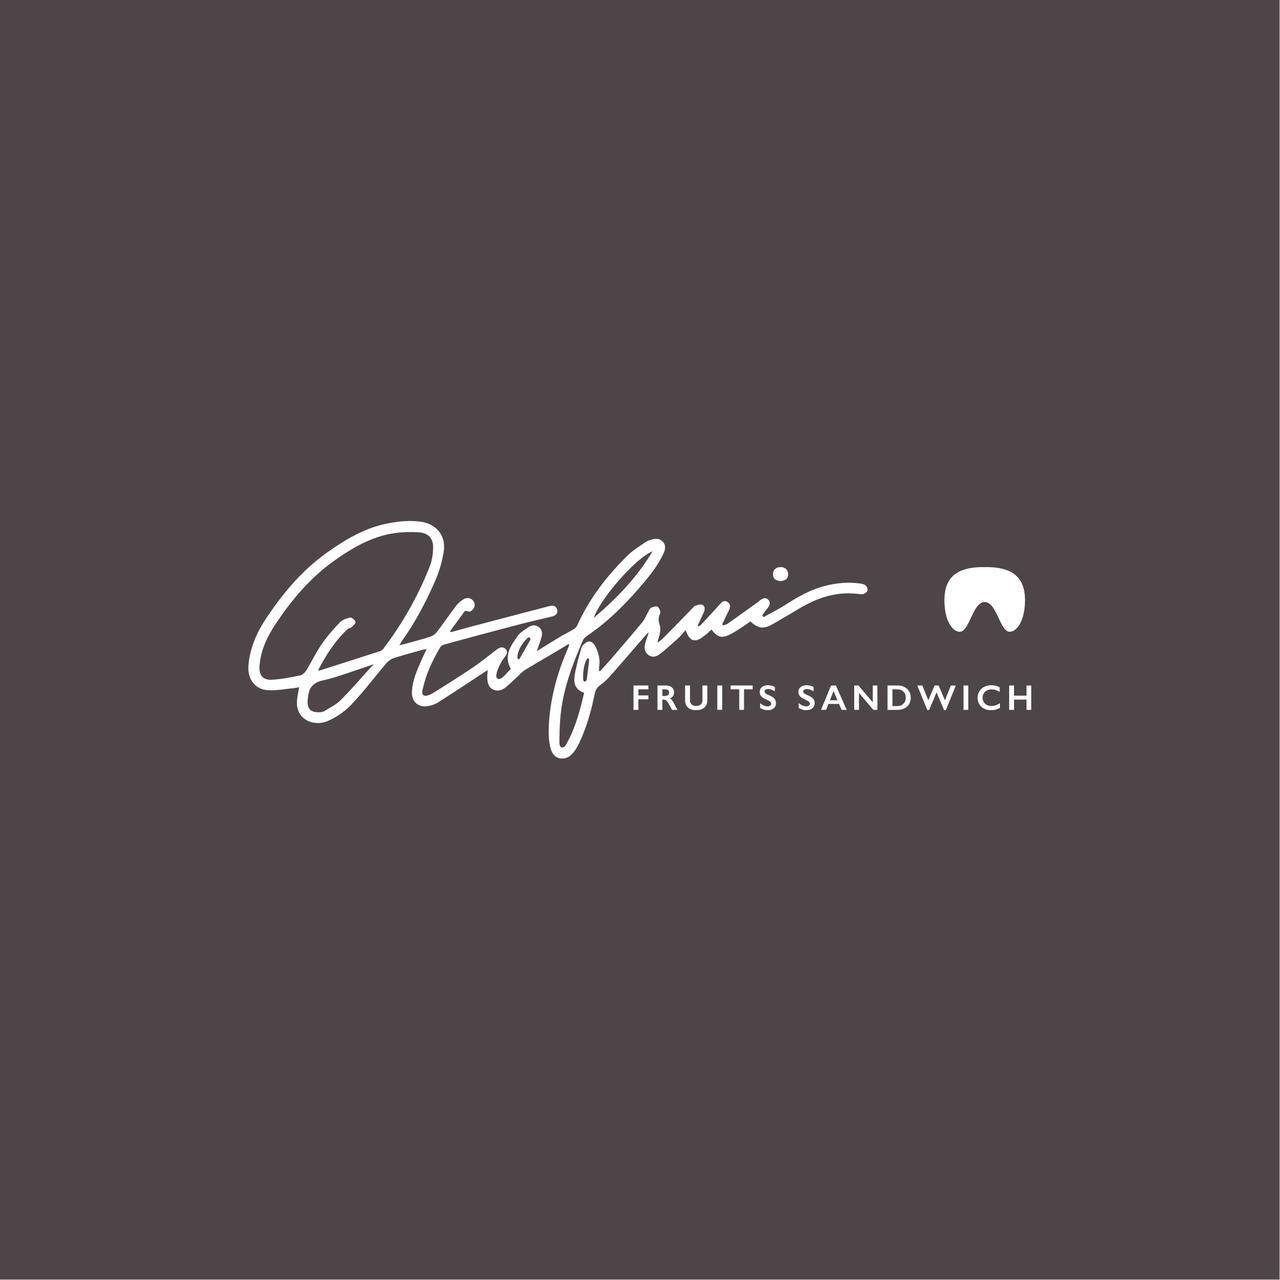 画像6: 水戸・つくばに大人のフルーツサンド専門店「otofrui(オトフル)」がオープン!